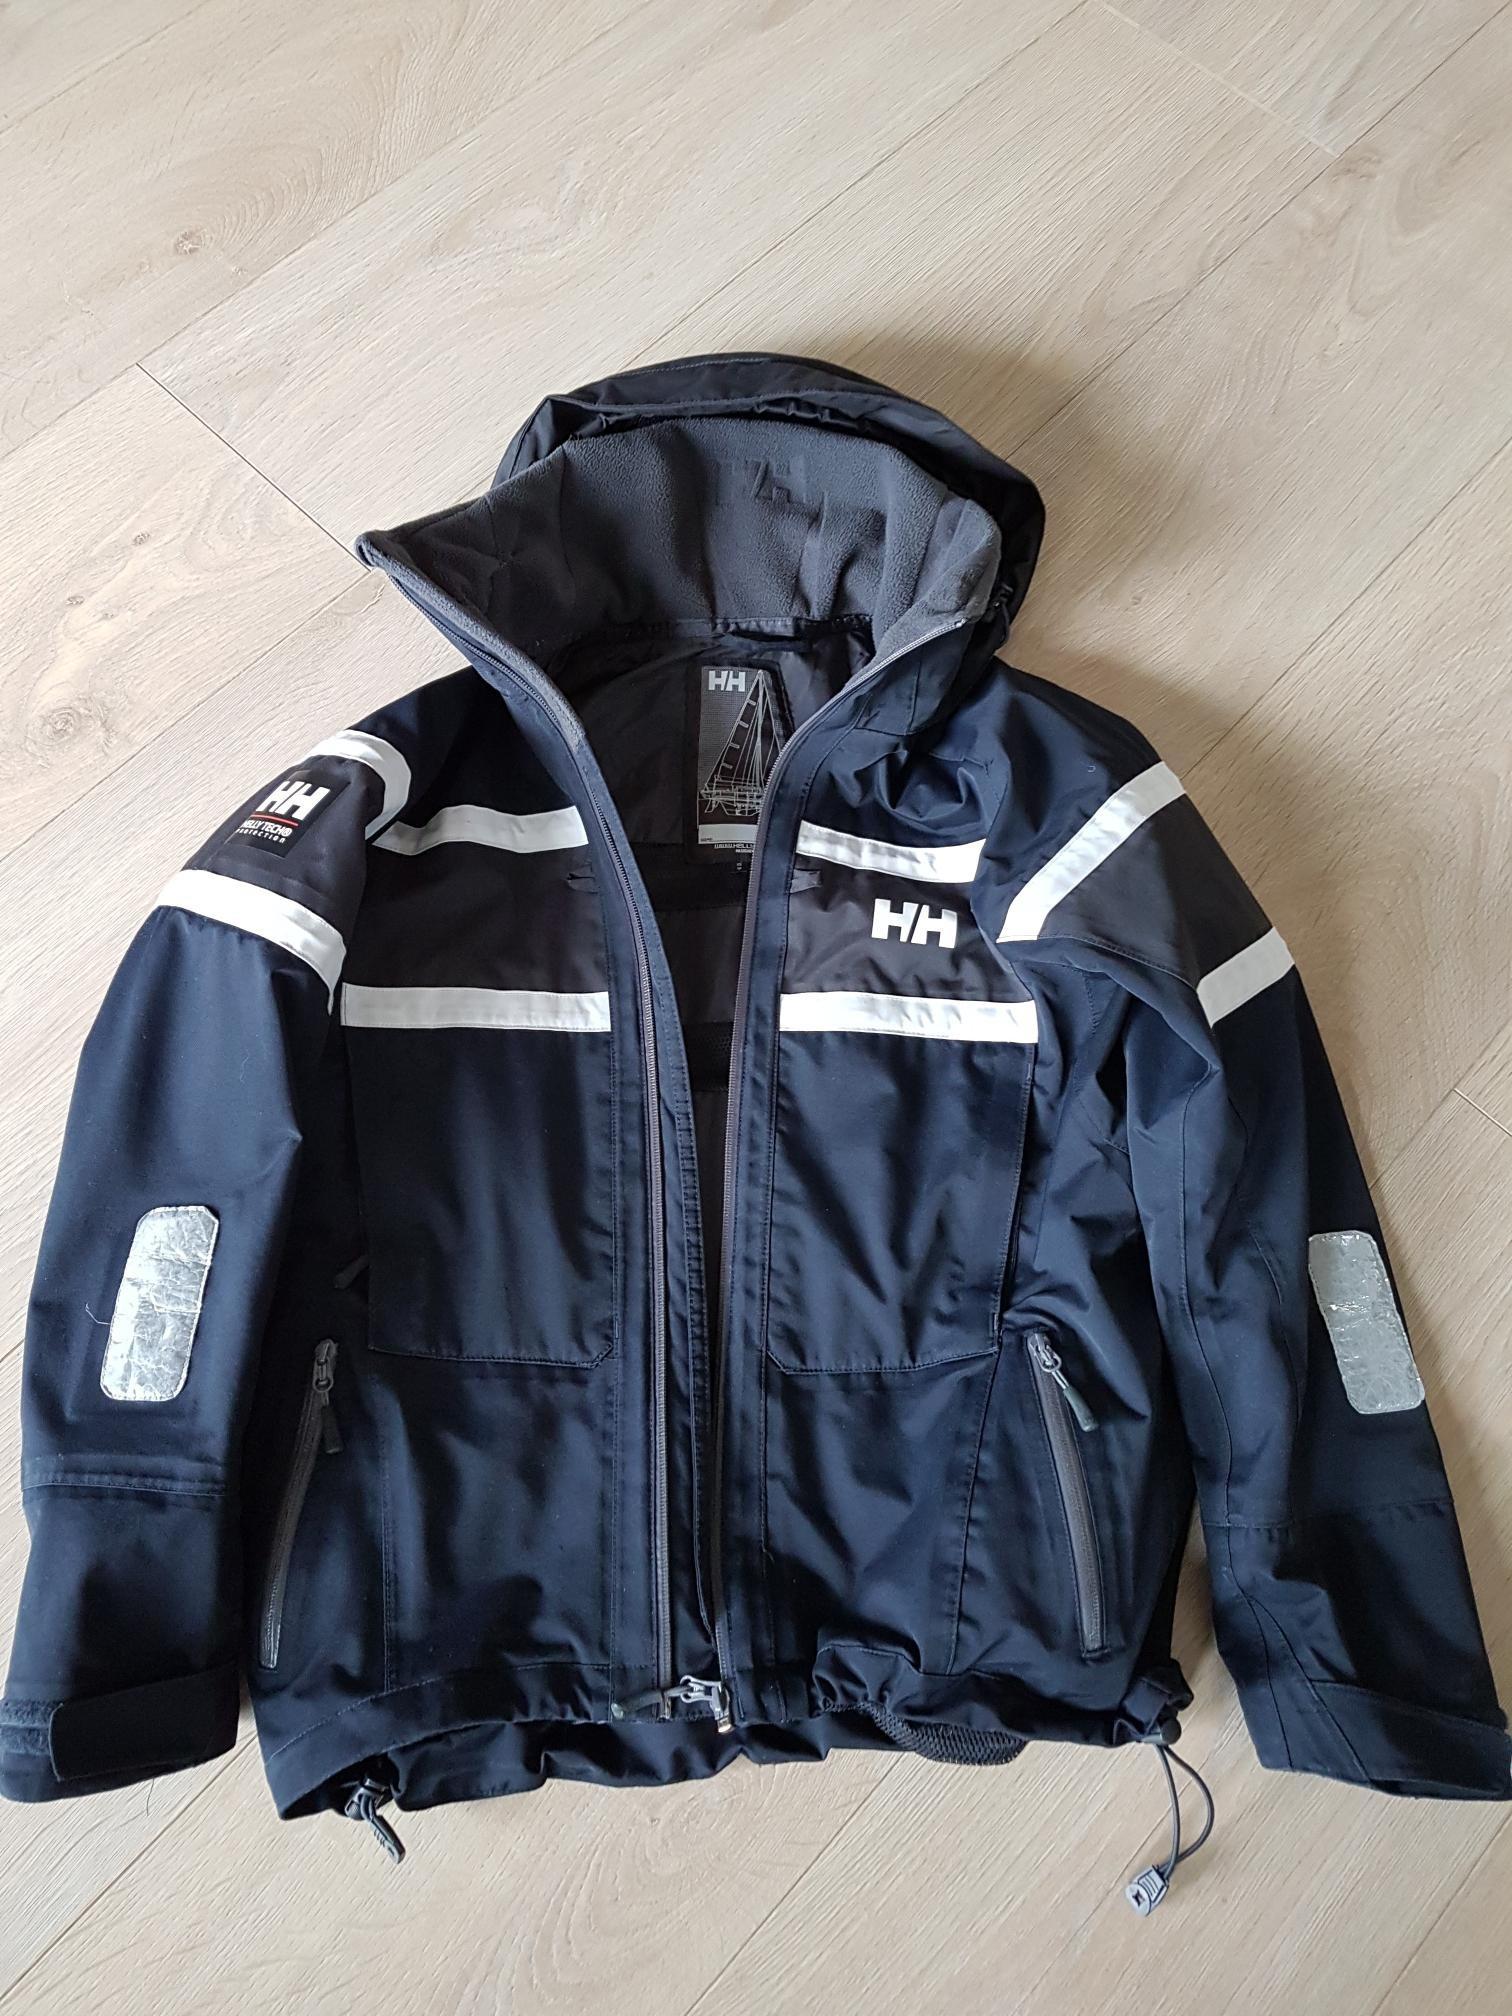 7b61b8c6 HH jakke/ Helly Hansen jakke/ regnjakke/ allværsjakke | FINN.no